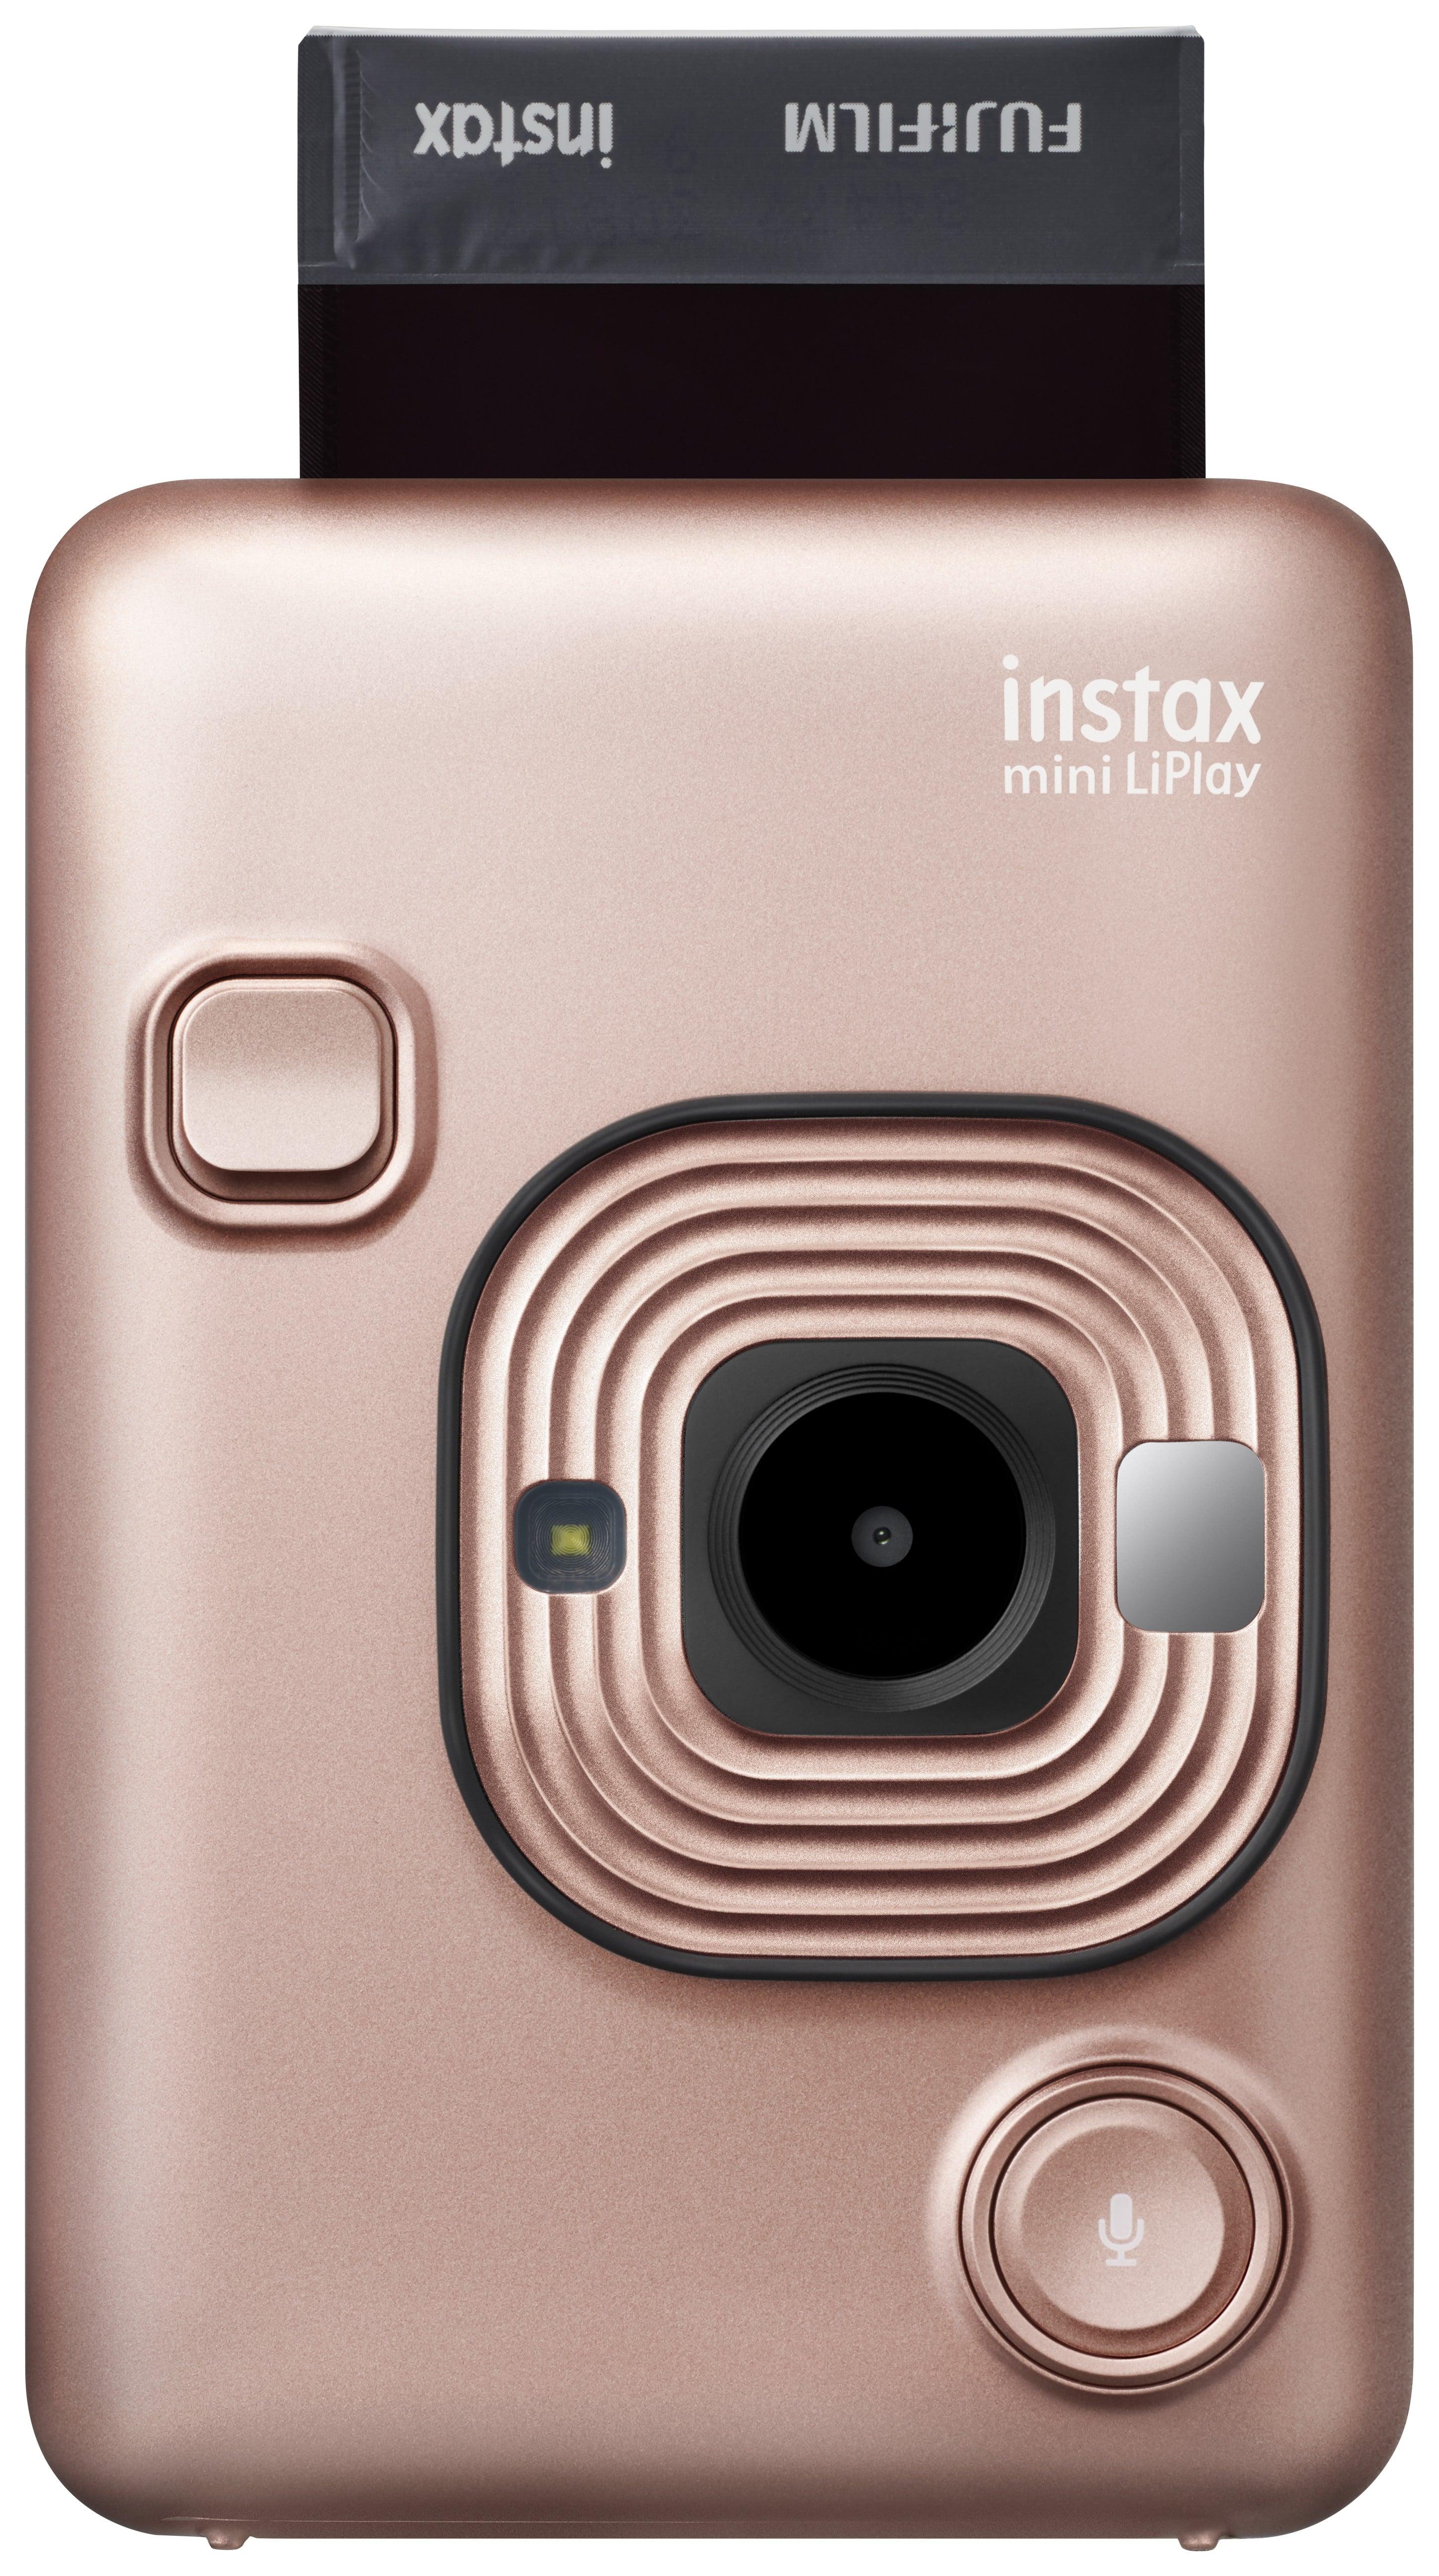 FUJI - Appareil photo instantané Instax Mini LiPlay Rose Doré - Format Photo 86 x 54 mm - Livré avec 1 batterie, chargeur et dragonne